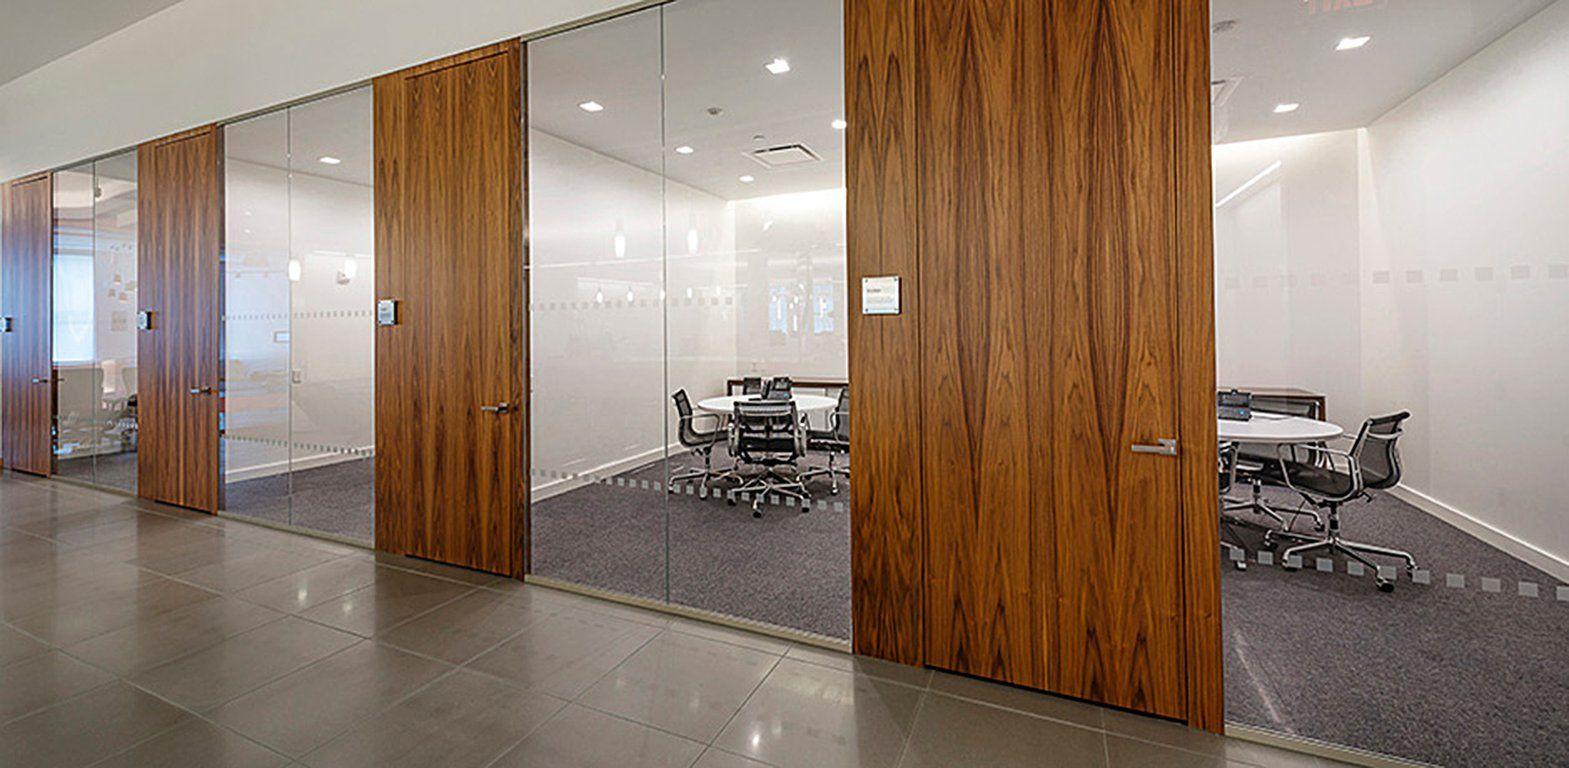 office door - Buscar con Google